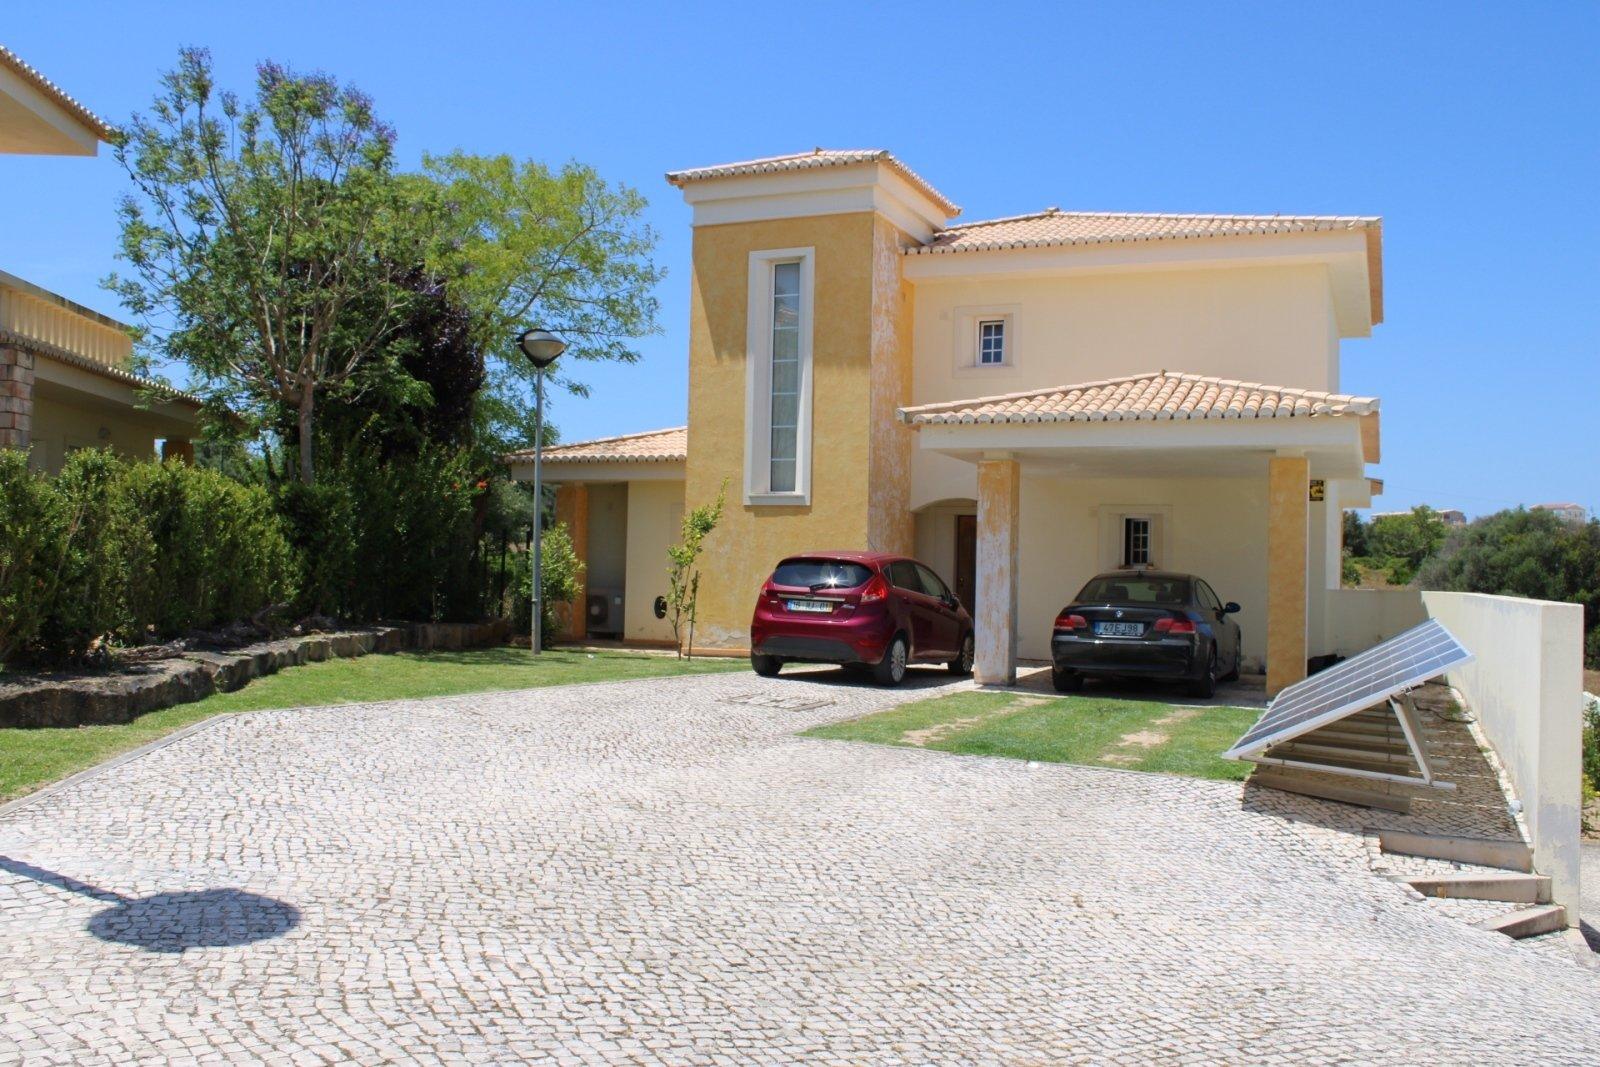 3 Bedroom Villa Lagos, Western Algarve Ref: GV622